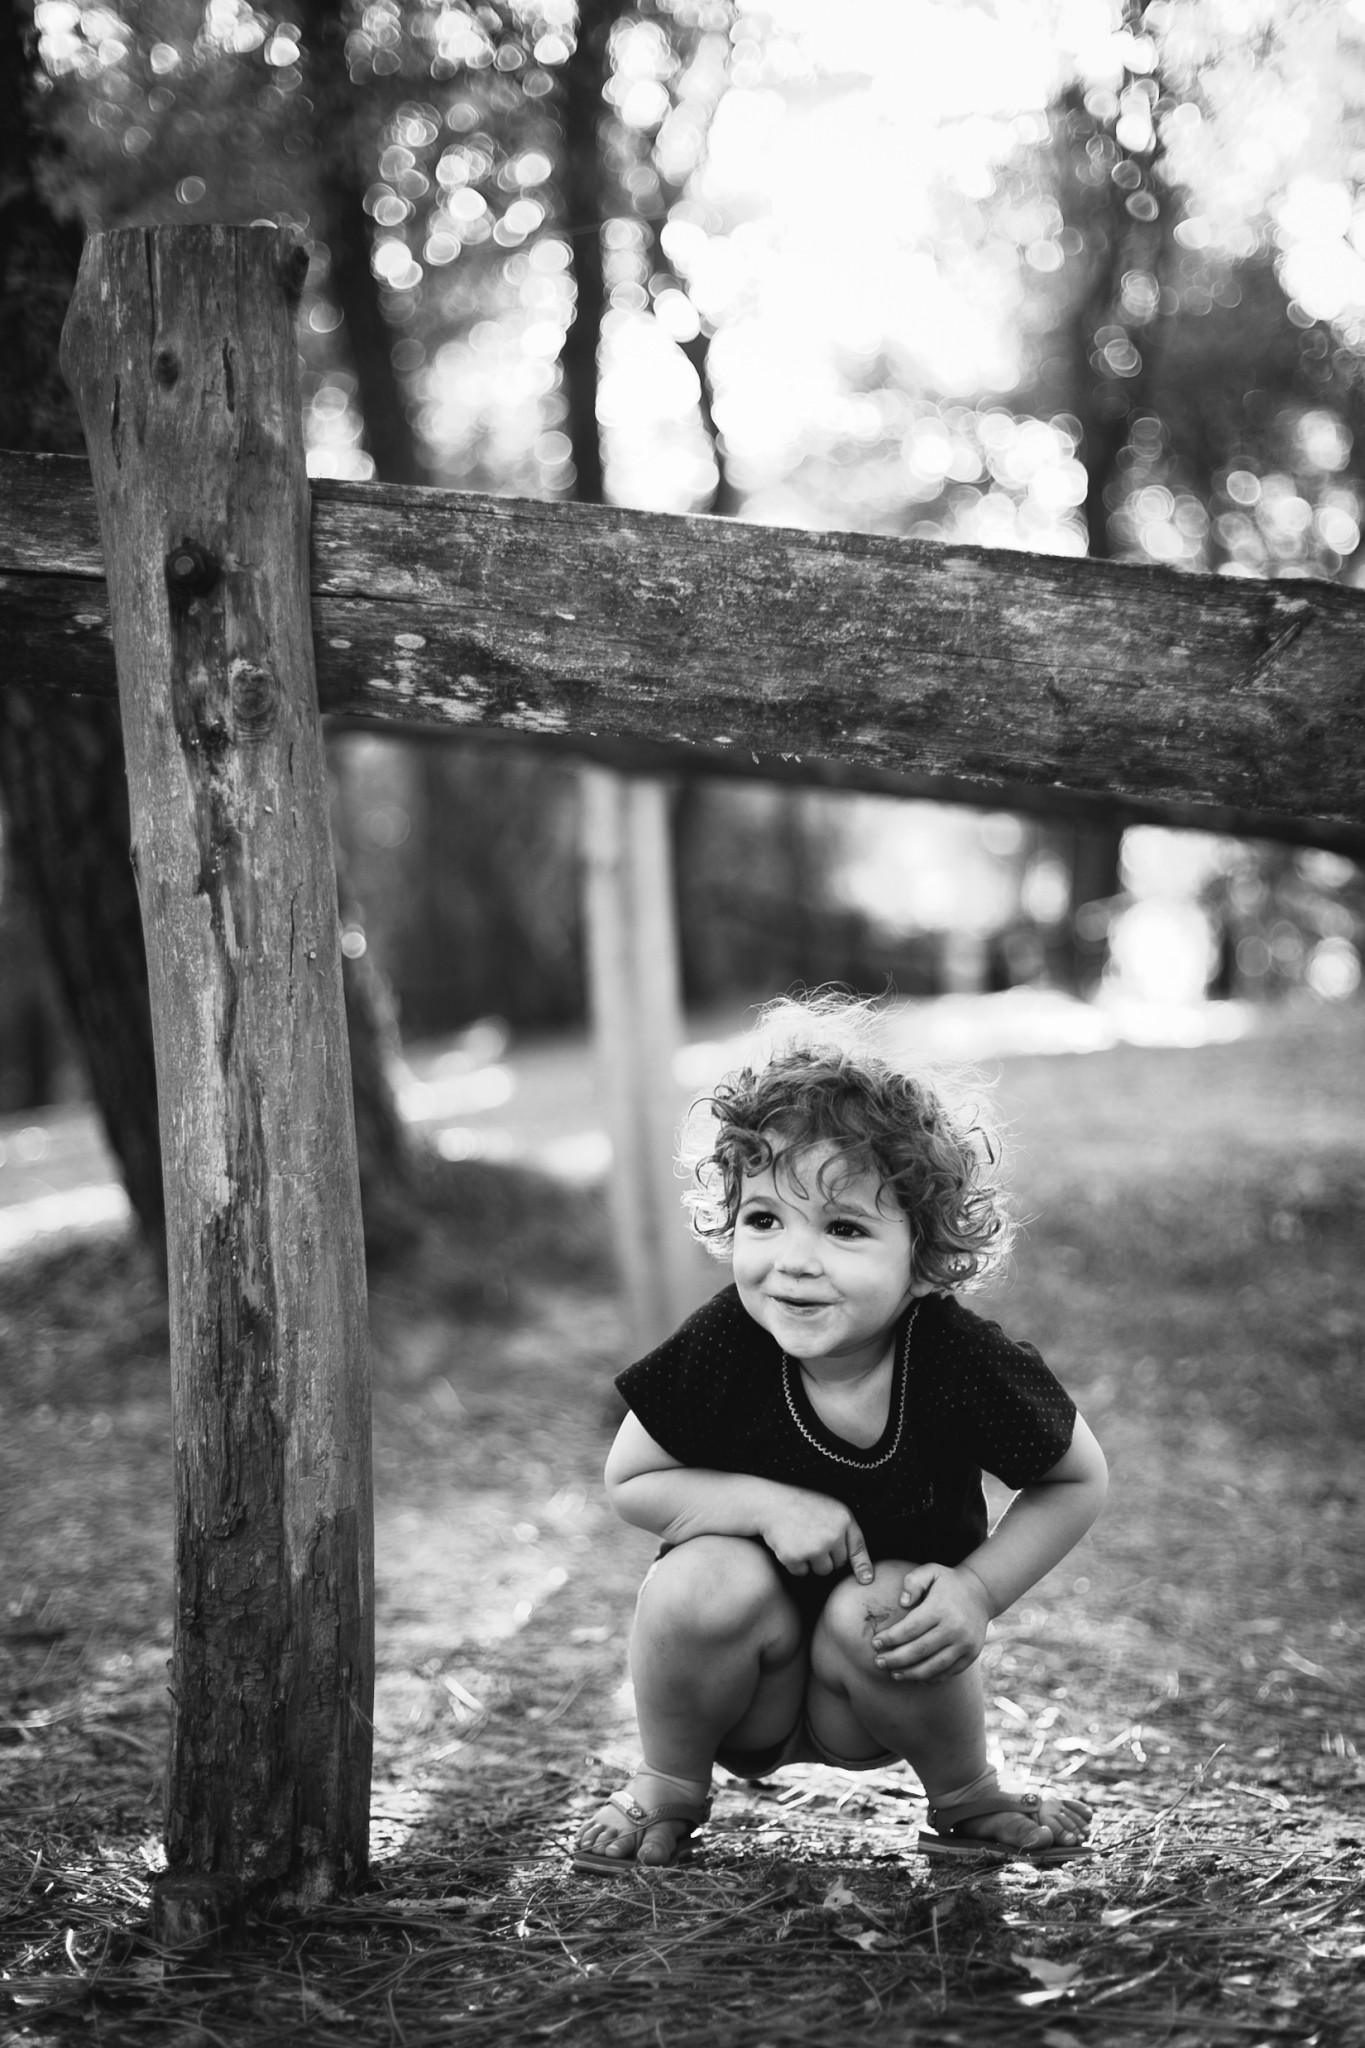 Photographe Enfants et Familles, Reportage Lifestyle en Franche Comté - Sonia Oysel - Besançon